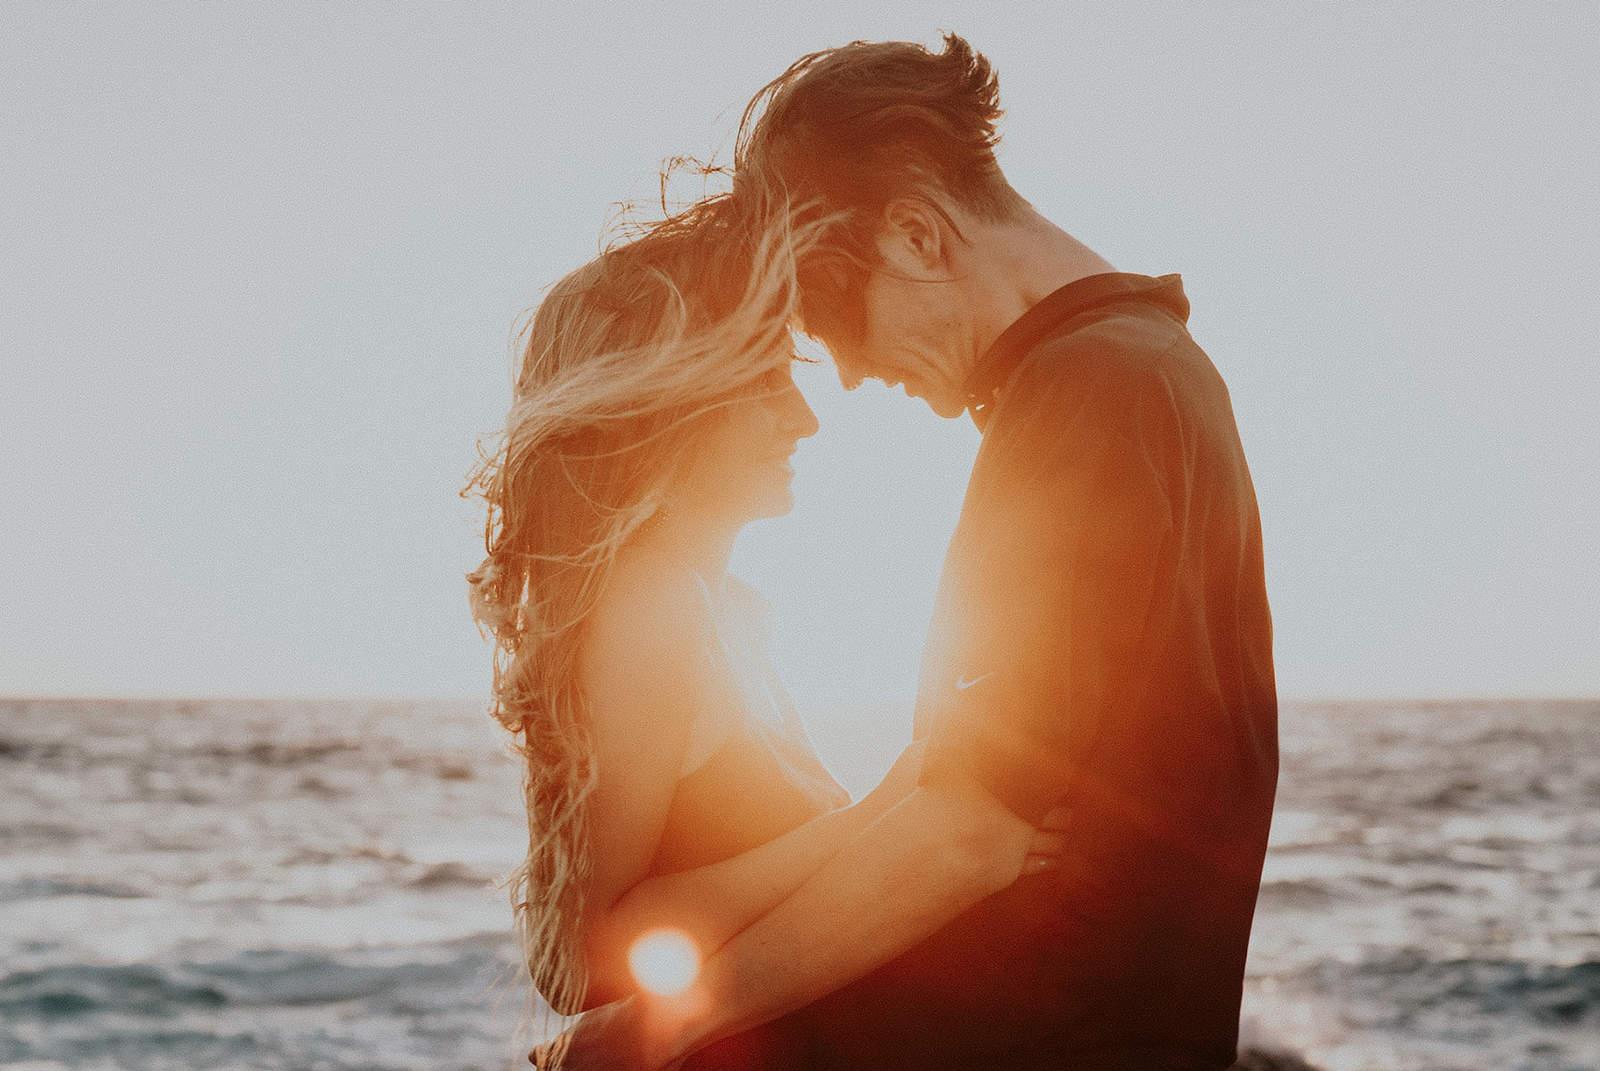 Liebespaar, das sich während des Sonnenuntergangs in der Nähe des Meeres umarmt